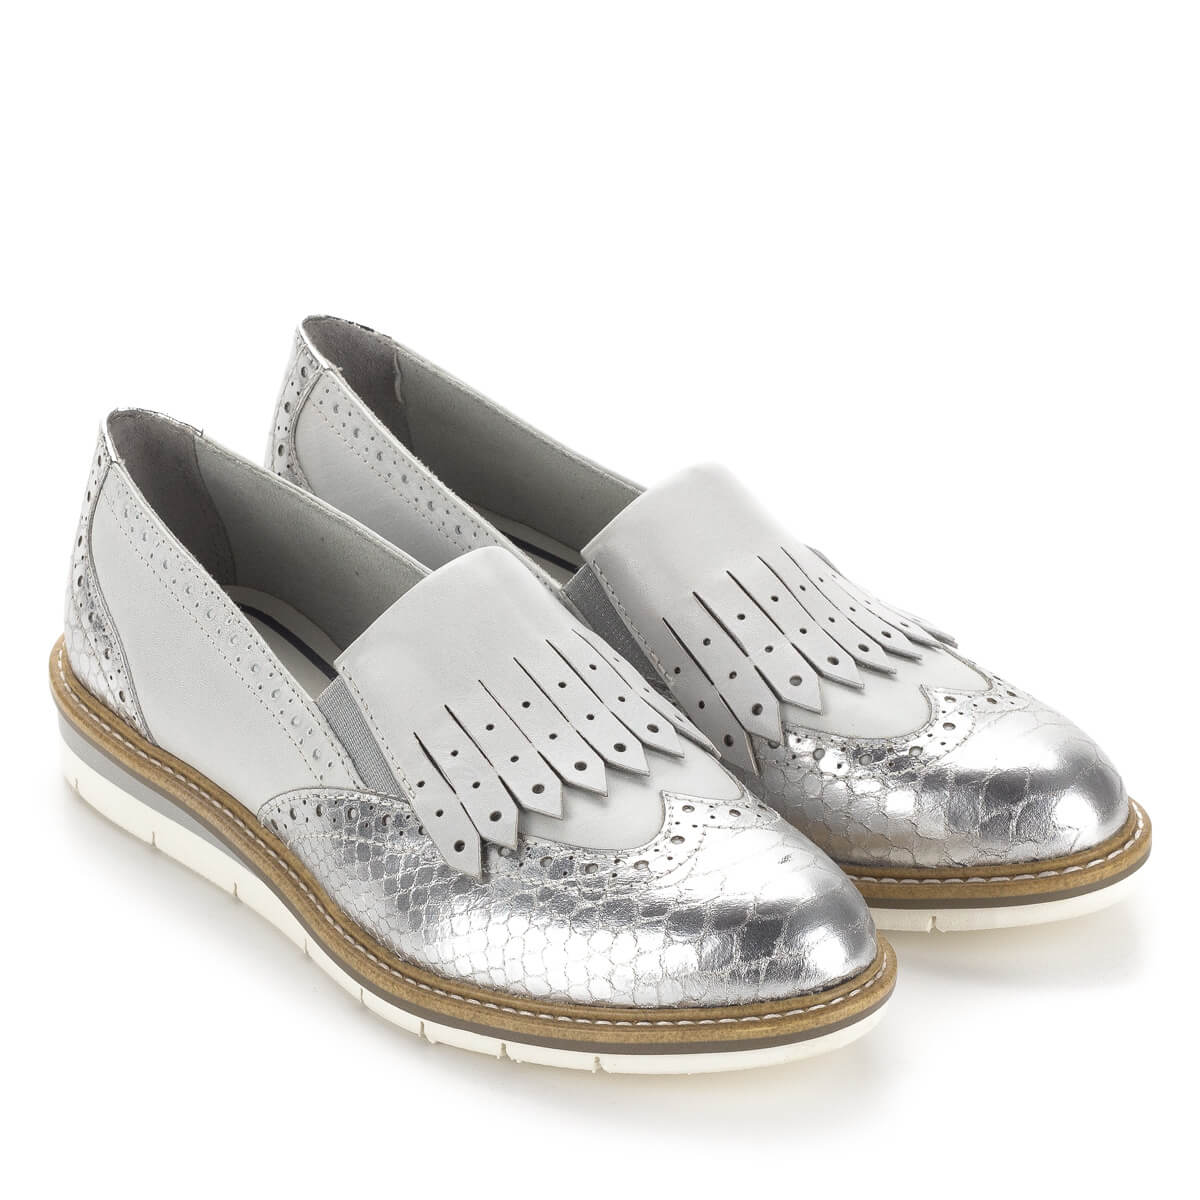 Női slipon - Belebújós női slipon cipők online d7e7defc5d